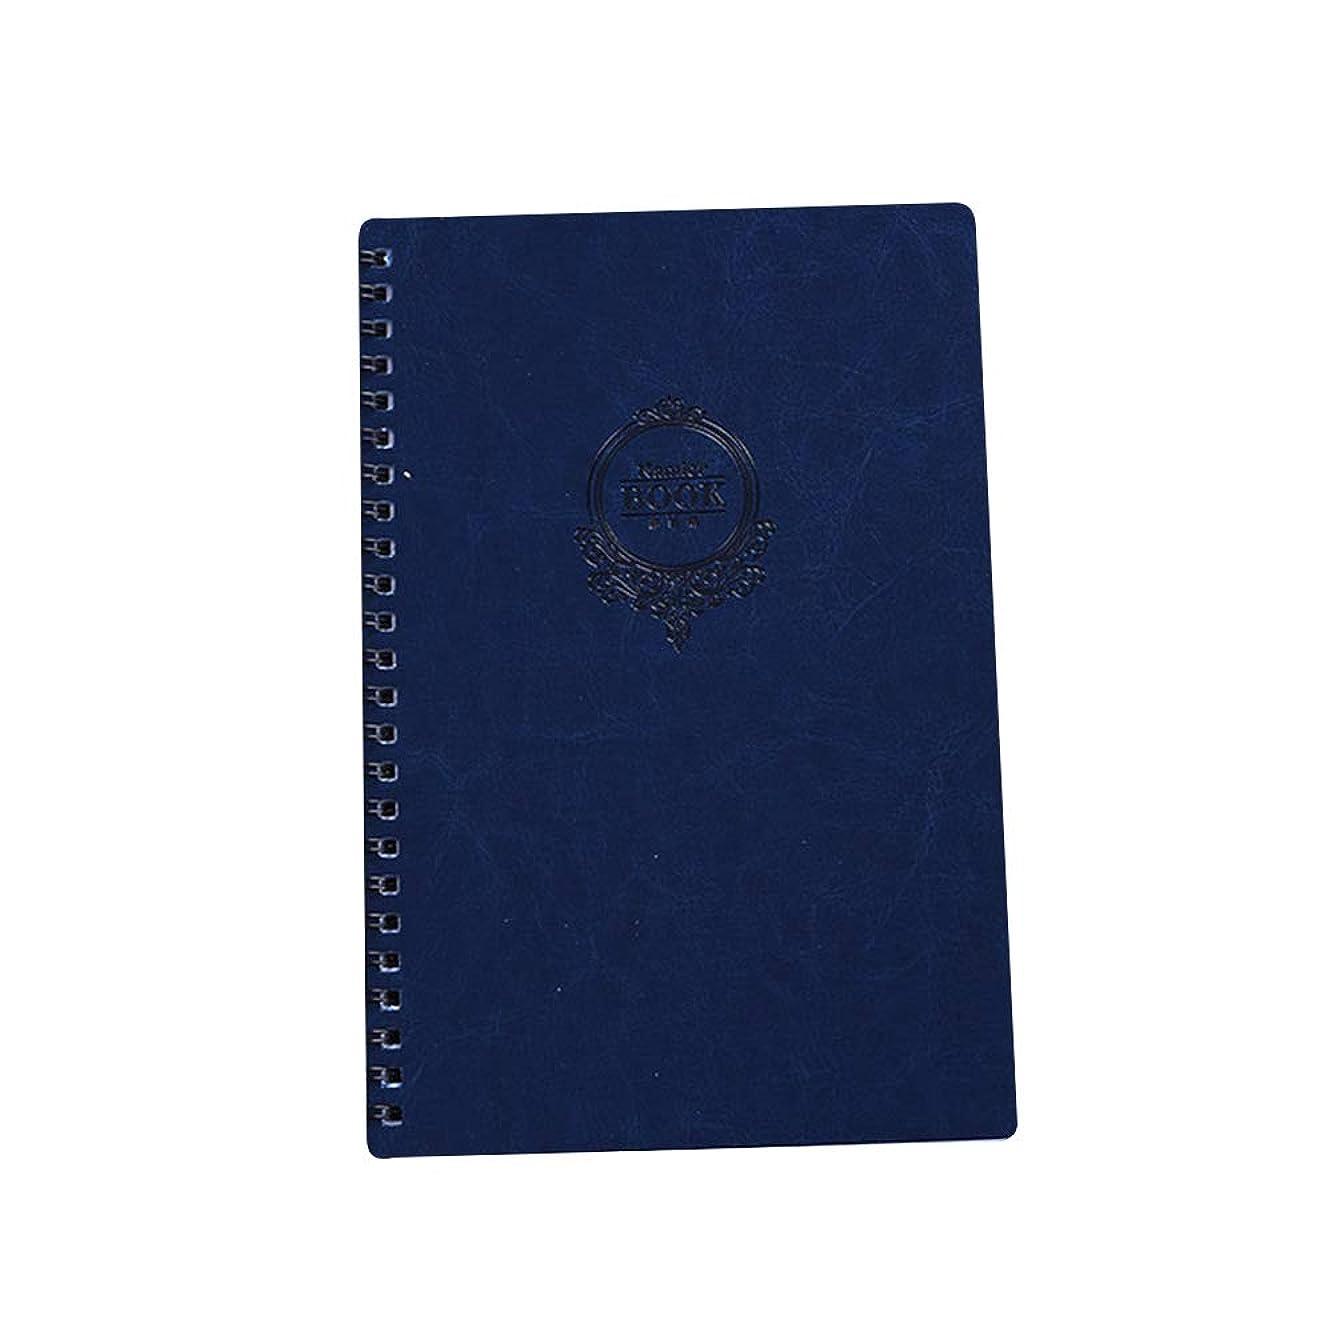 代表団ヘッジ矛盾ノートブックルーズリーフコイル消去可能メモ帳学生日記オフィスビジネスライティングノートブック